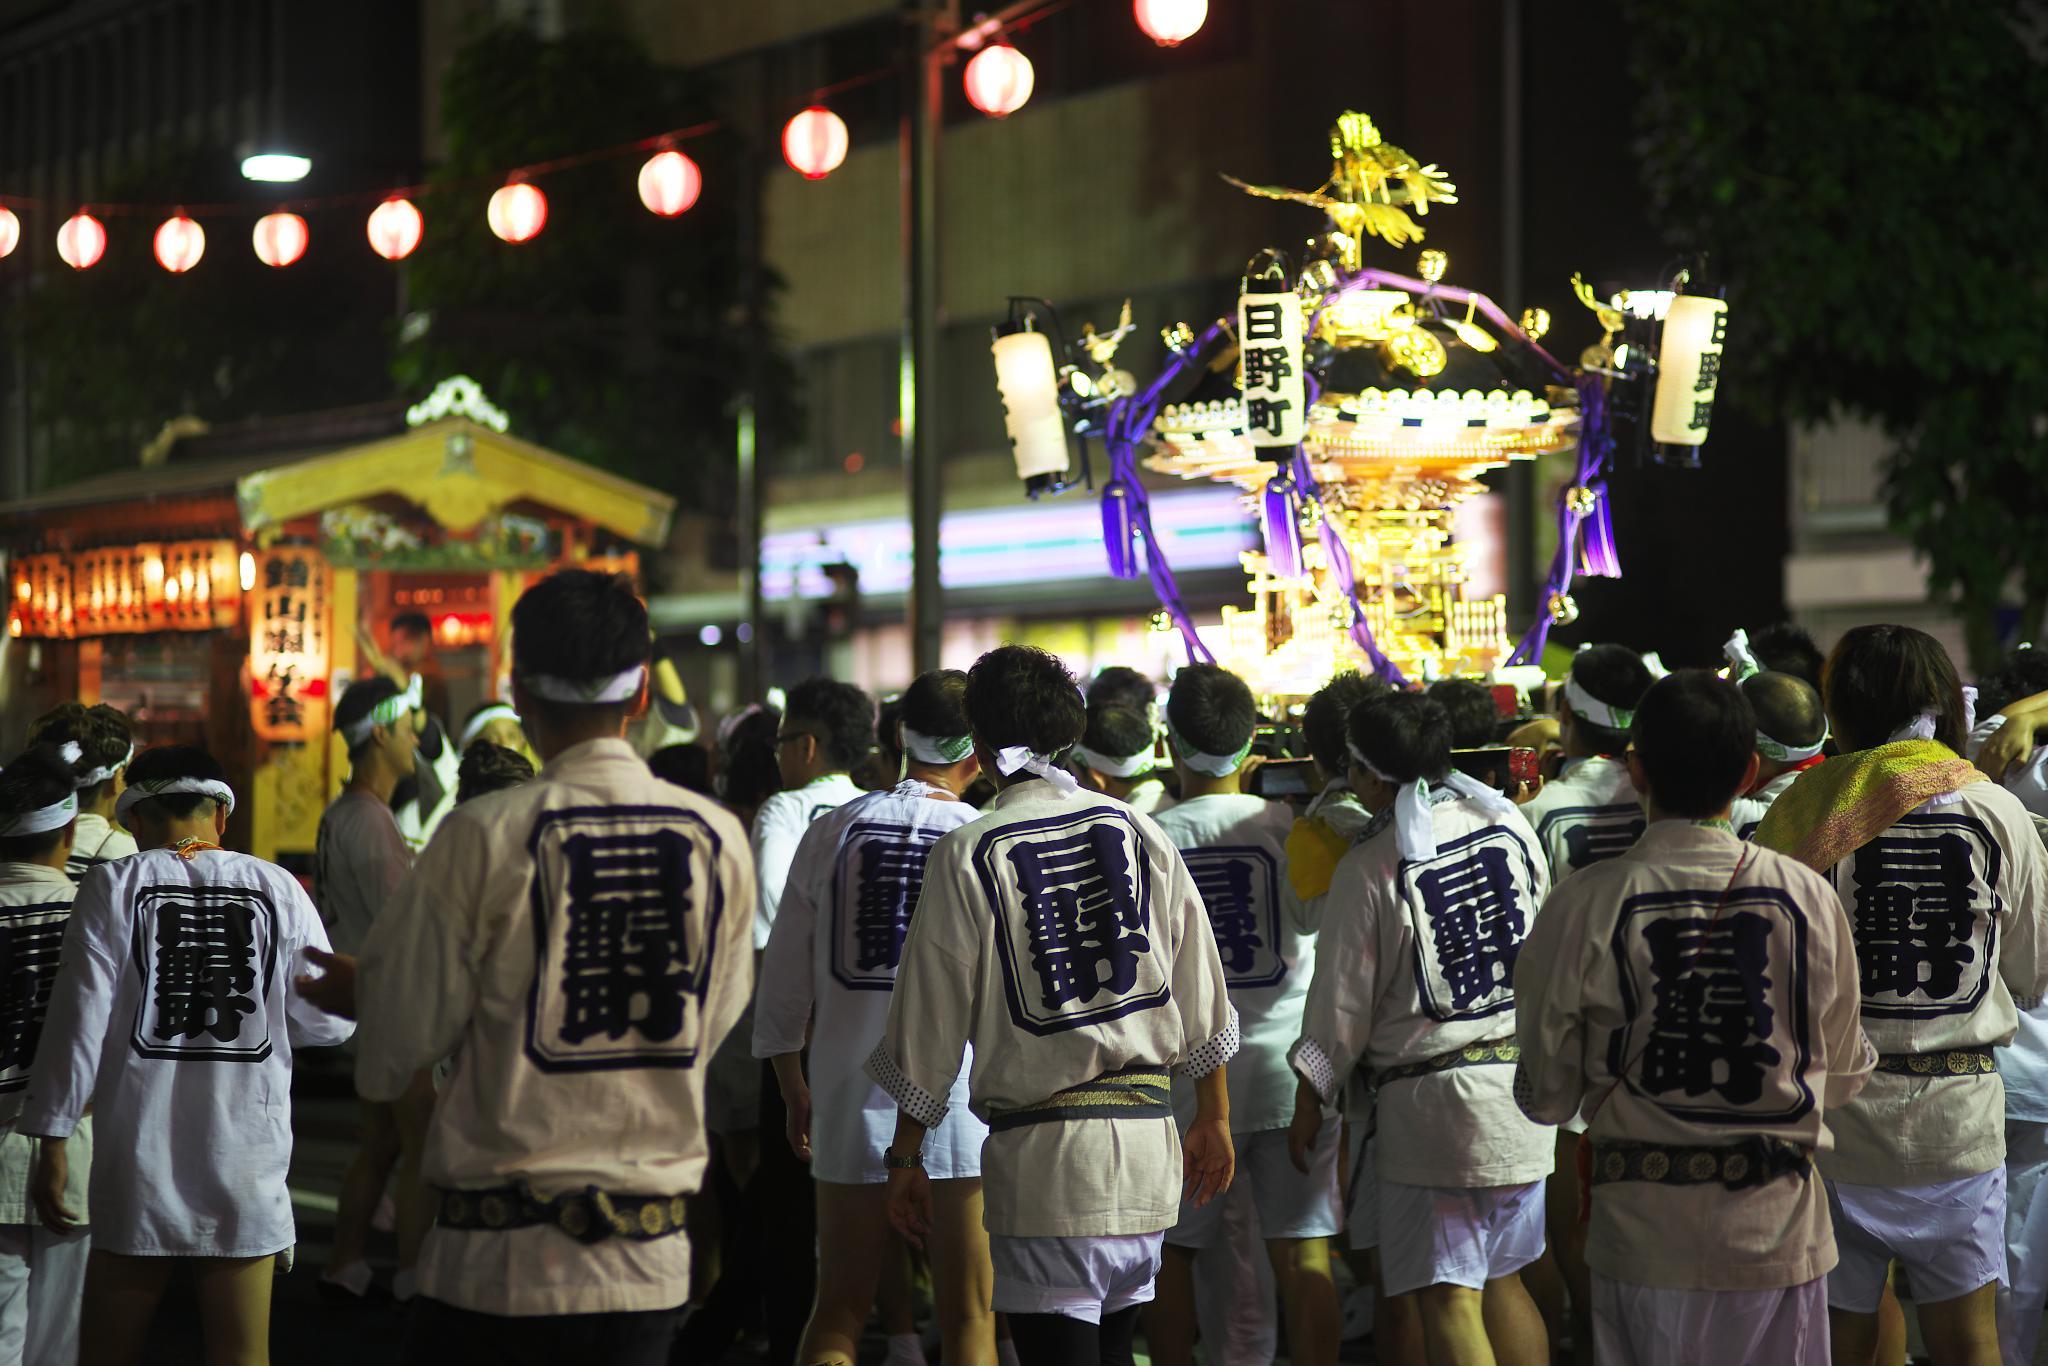 om90 & 宇都宮宮祭り - 15